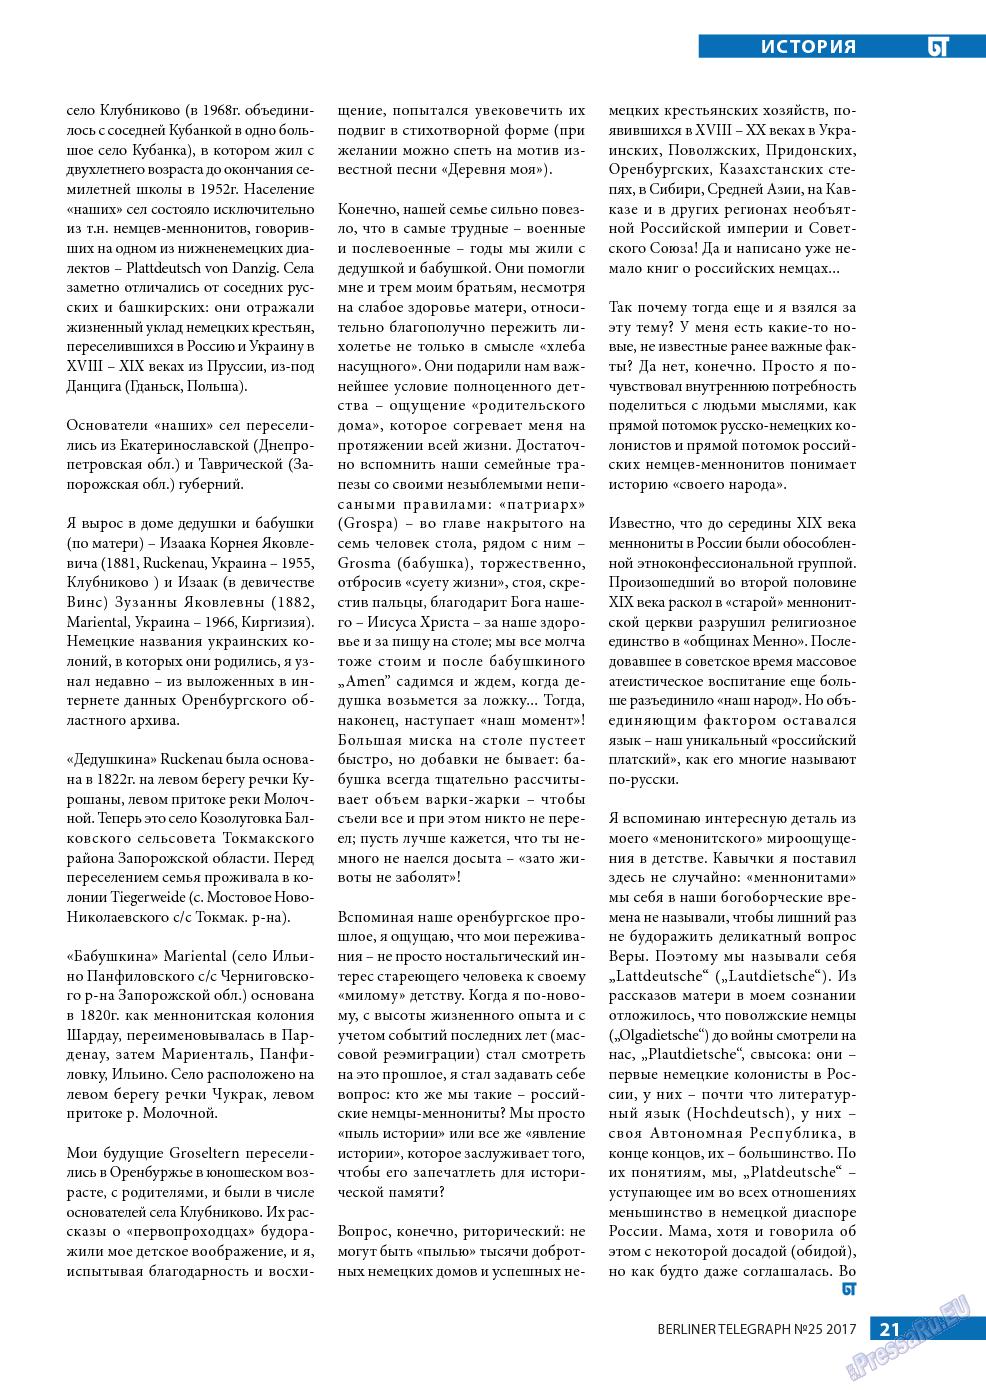 Берлинский телеграф (журнал). 2017 год, номер 25, стр. 21